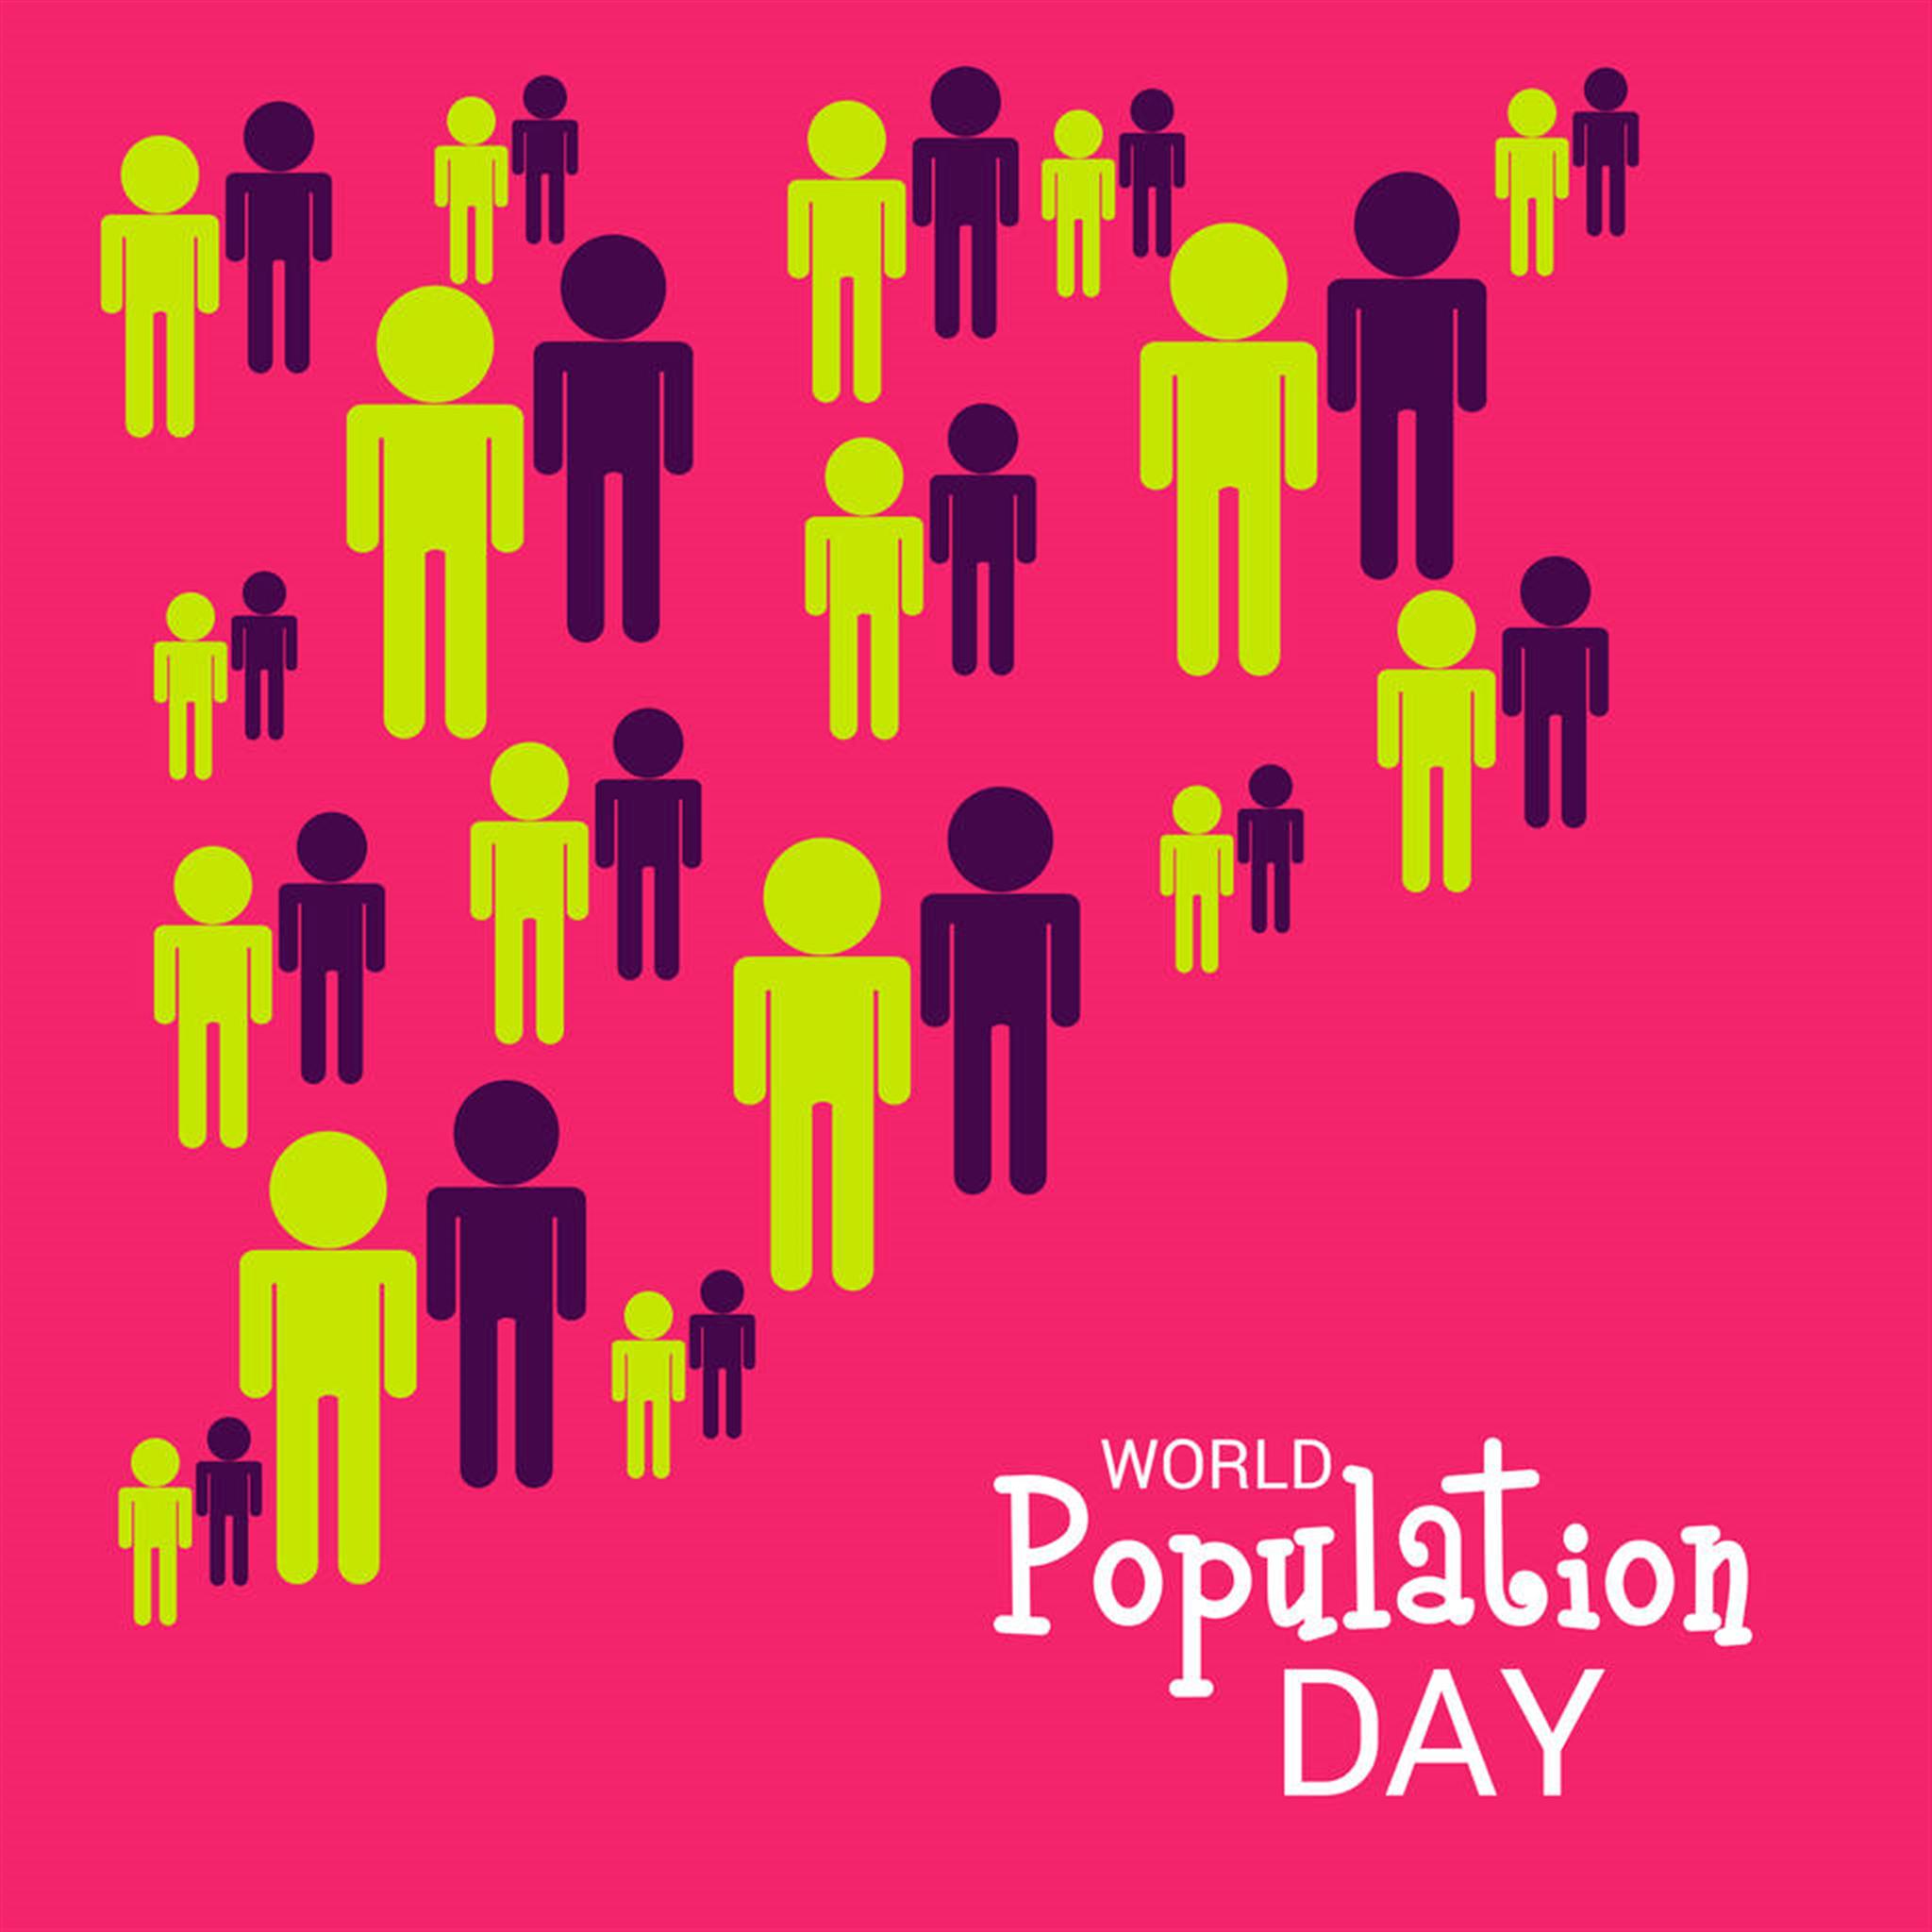 中国人口大省排名2020 人口负增长的国家排名